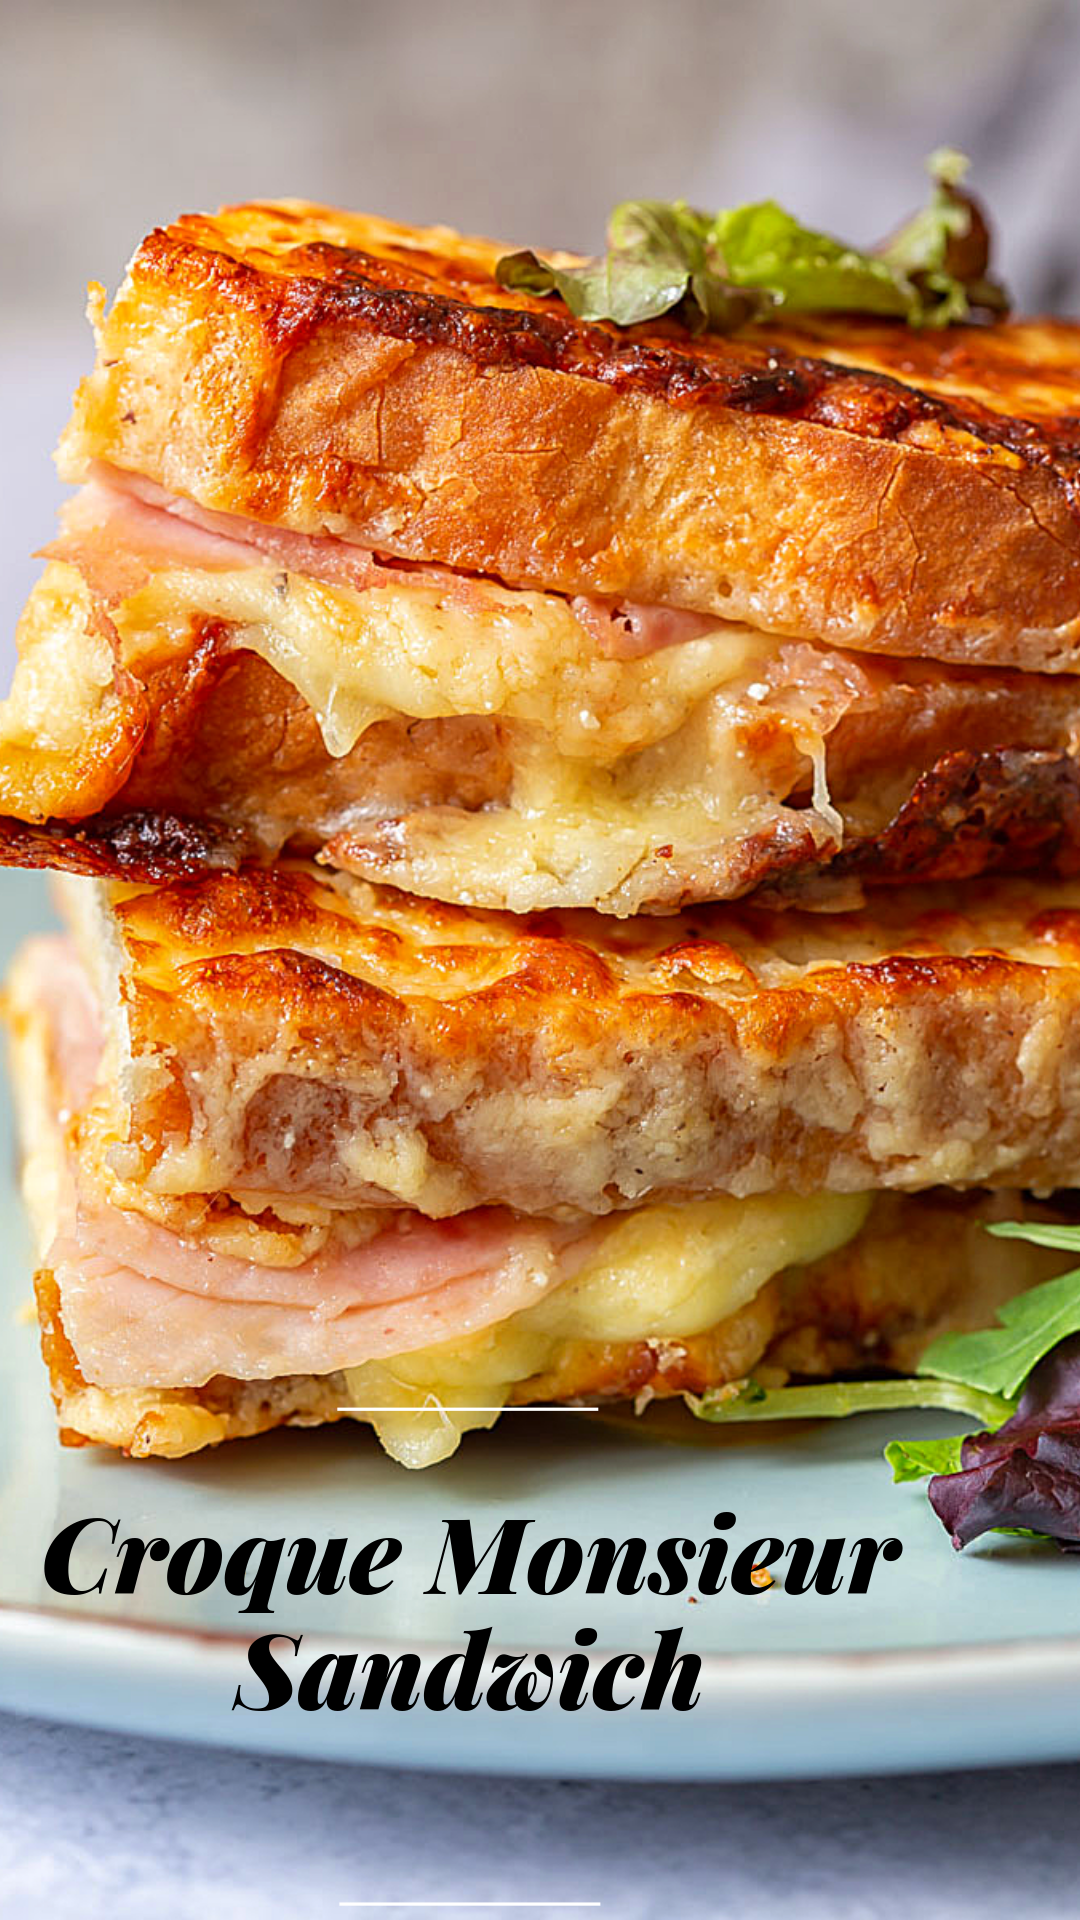 Croque Monsieur Sandwich Delicious Sandwiches Croque Monsieur Recipes